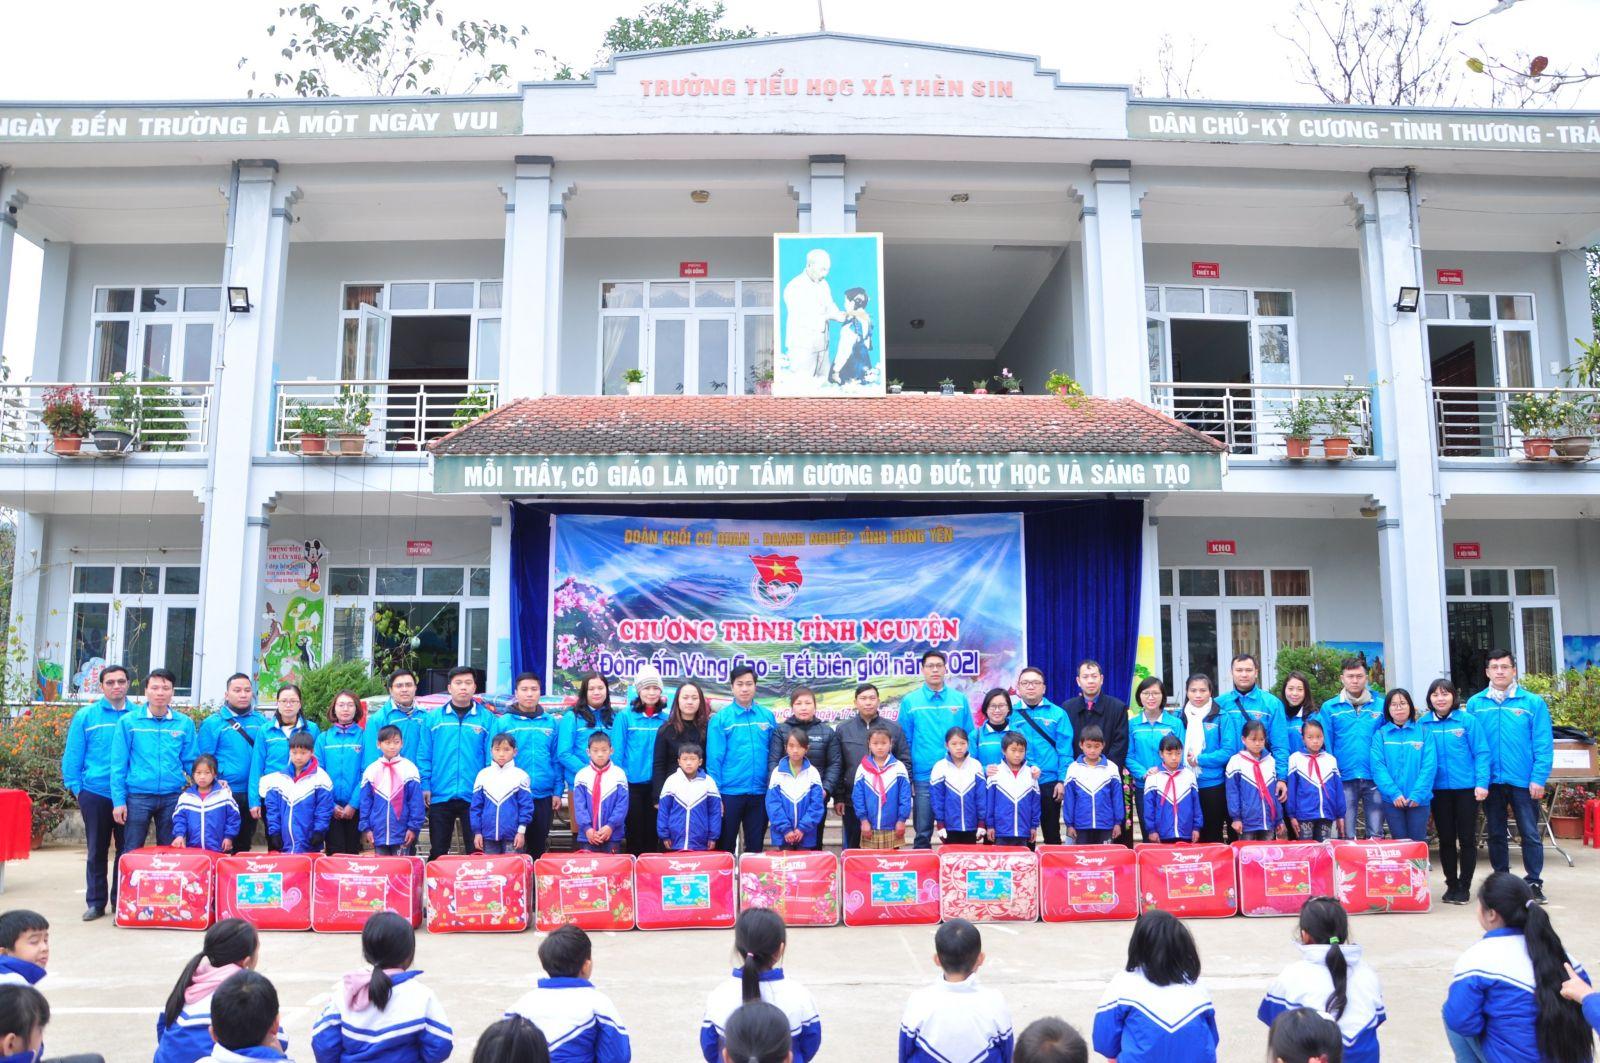 """Đoàn khối Cơ quan - Doanh nghiệp tỉnh tổ chức chương trình tình nguyện """"Đông ấm vùng cao - Tết biên giới"""" năm 2021 tại tỉnh Lai Châu"""